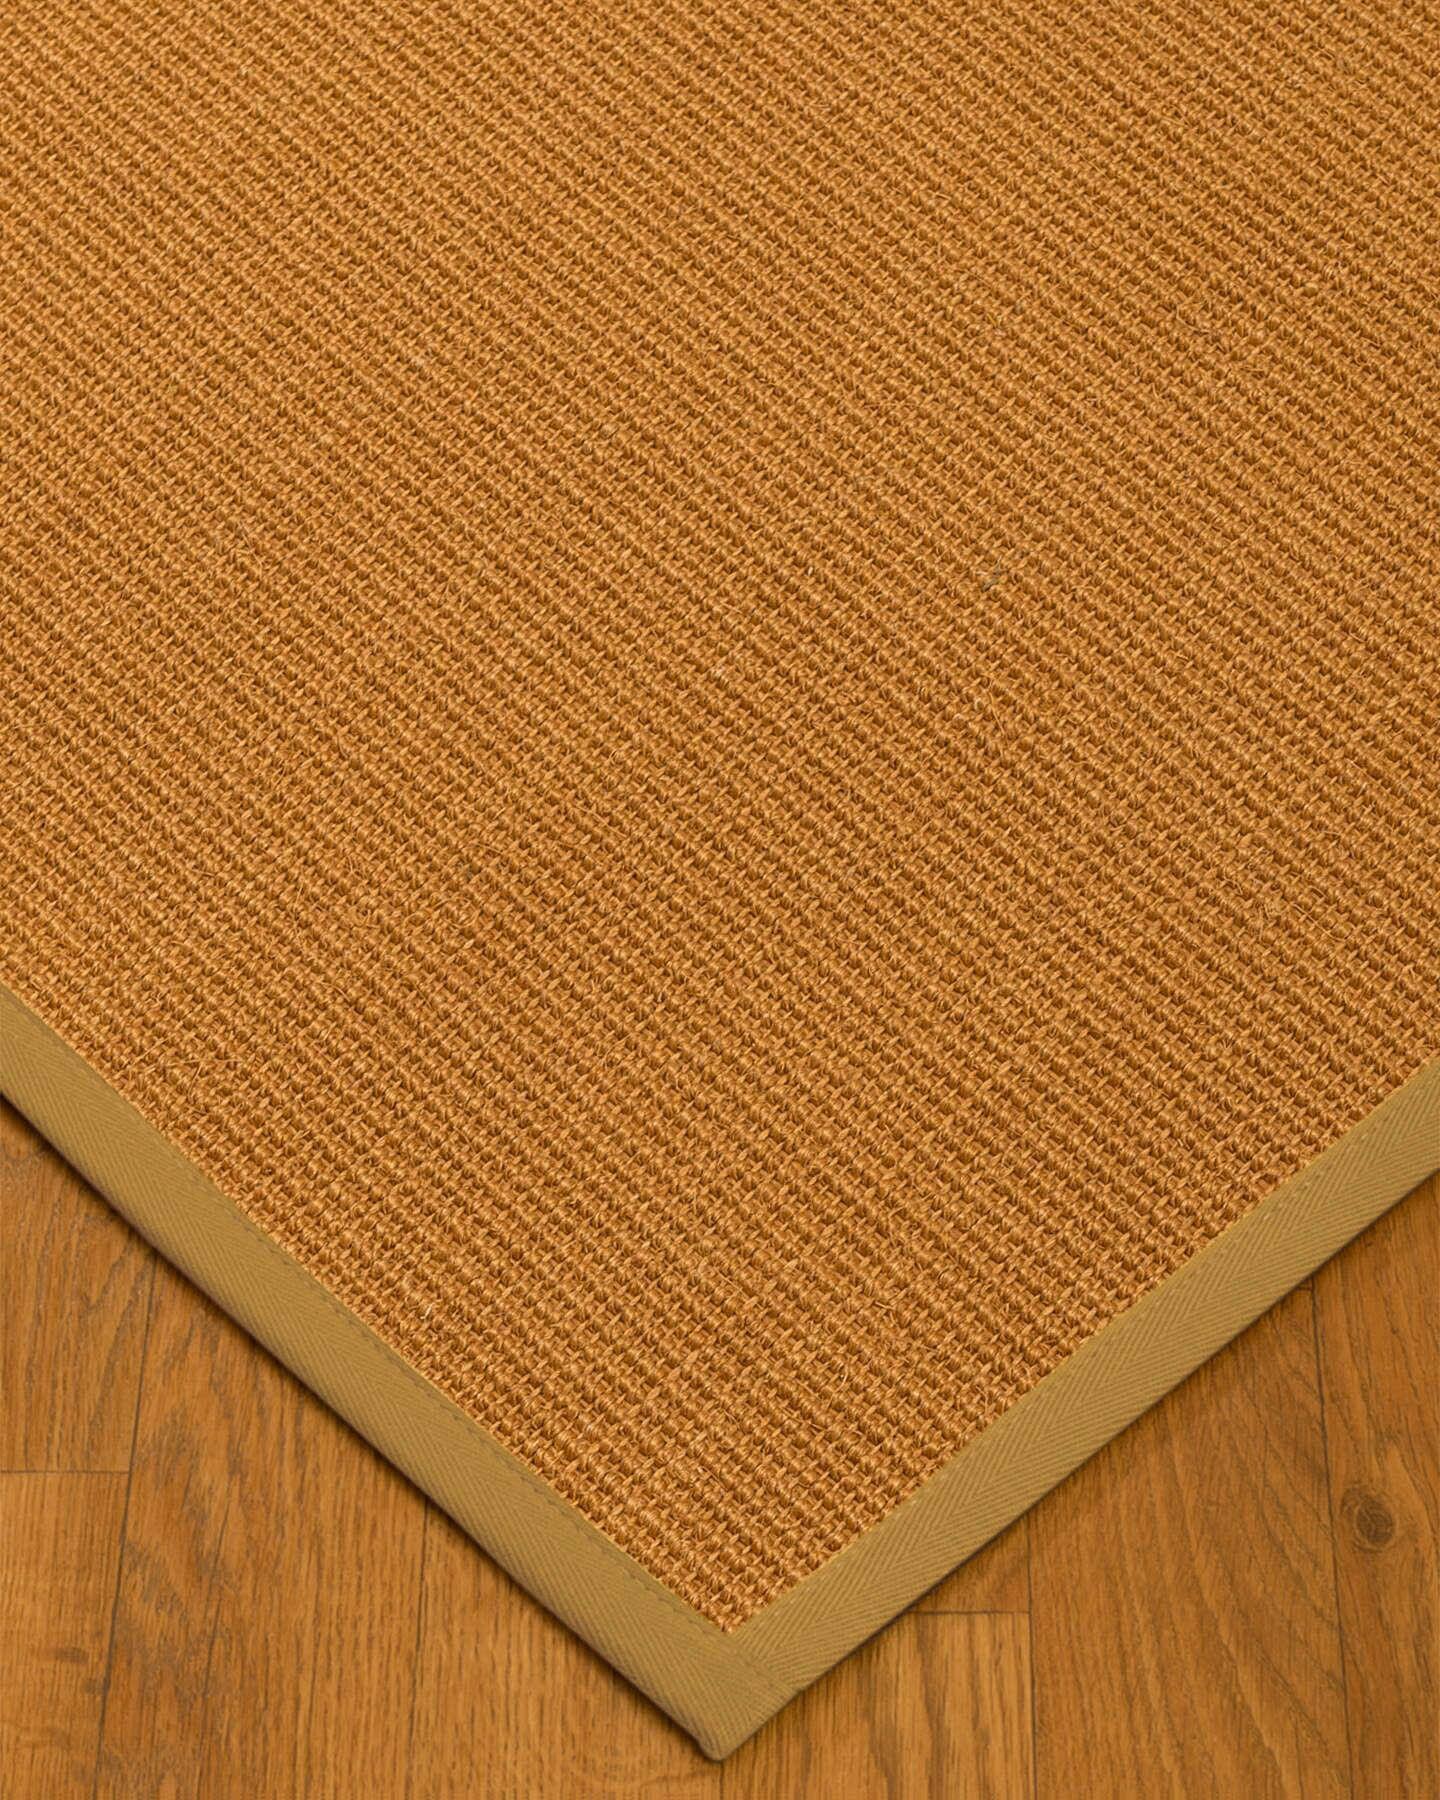 Kemmerer Border Hand-Woven Brown/Sage Area Rug Rug Size: Rectangle 4' x 6'